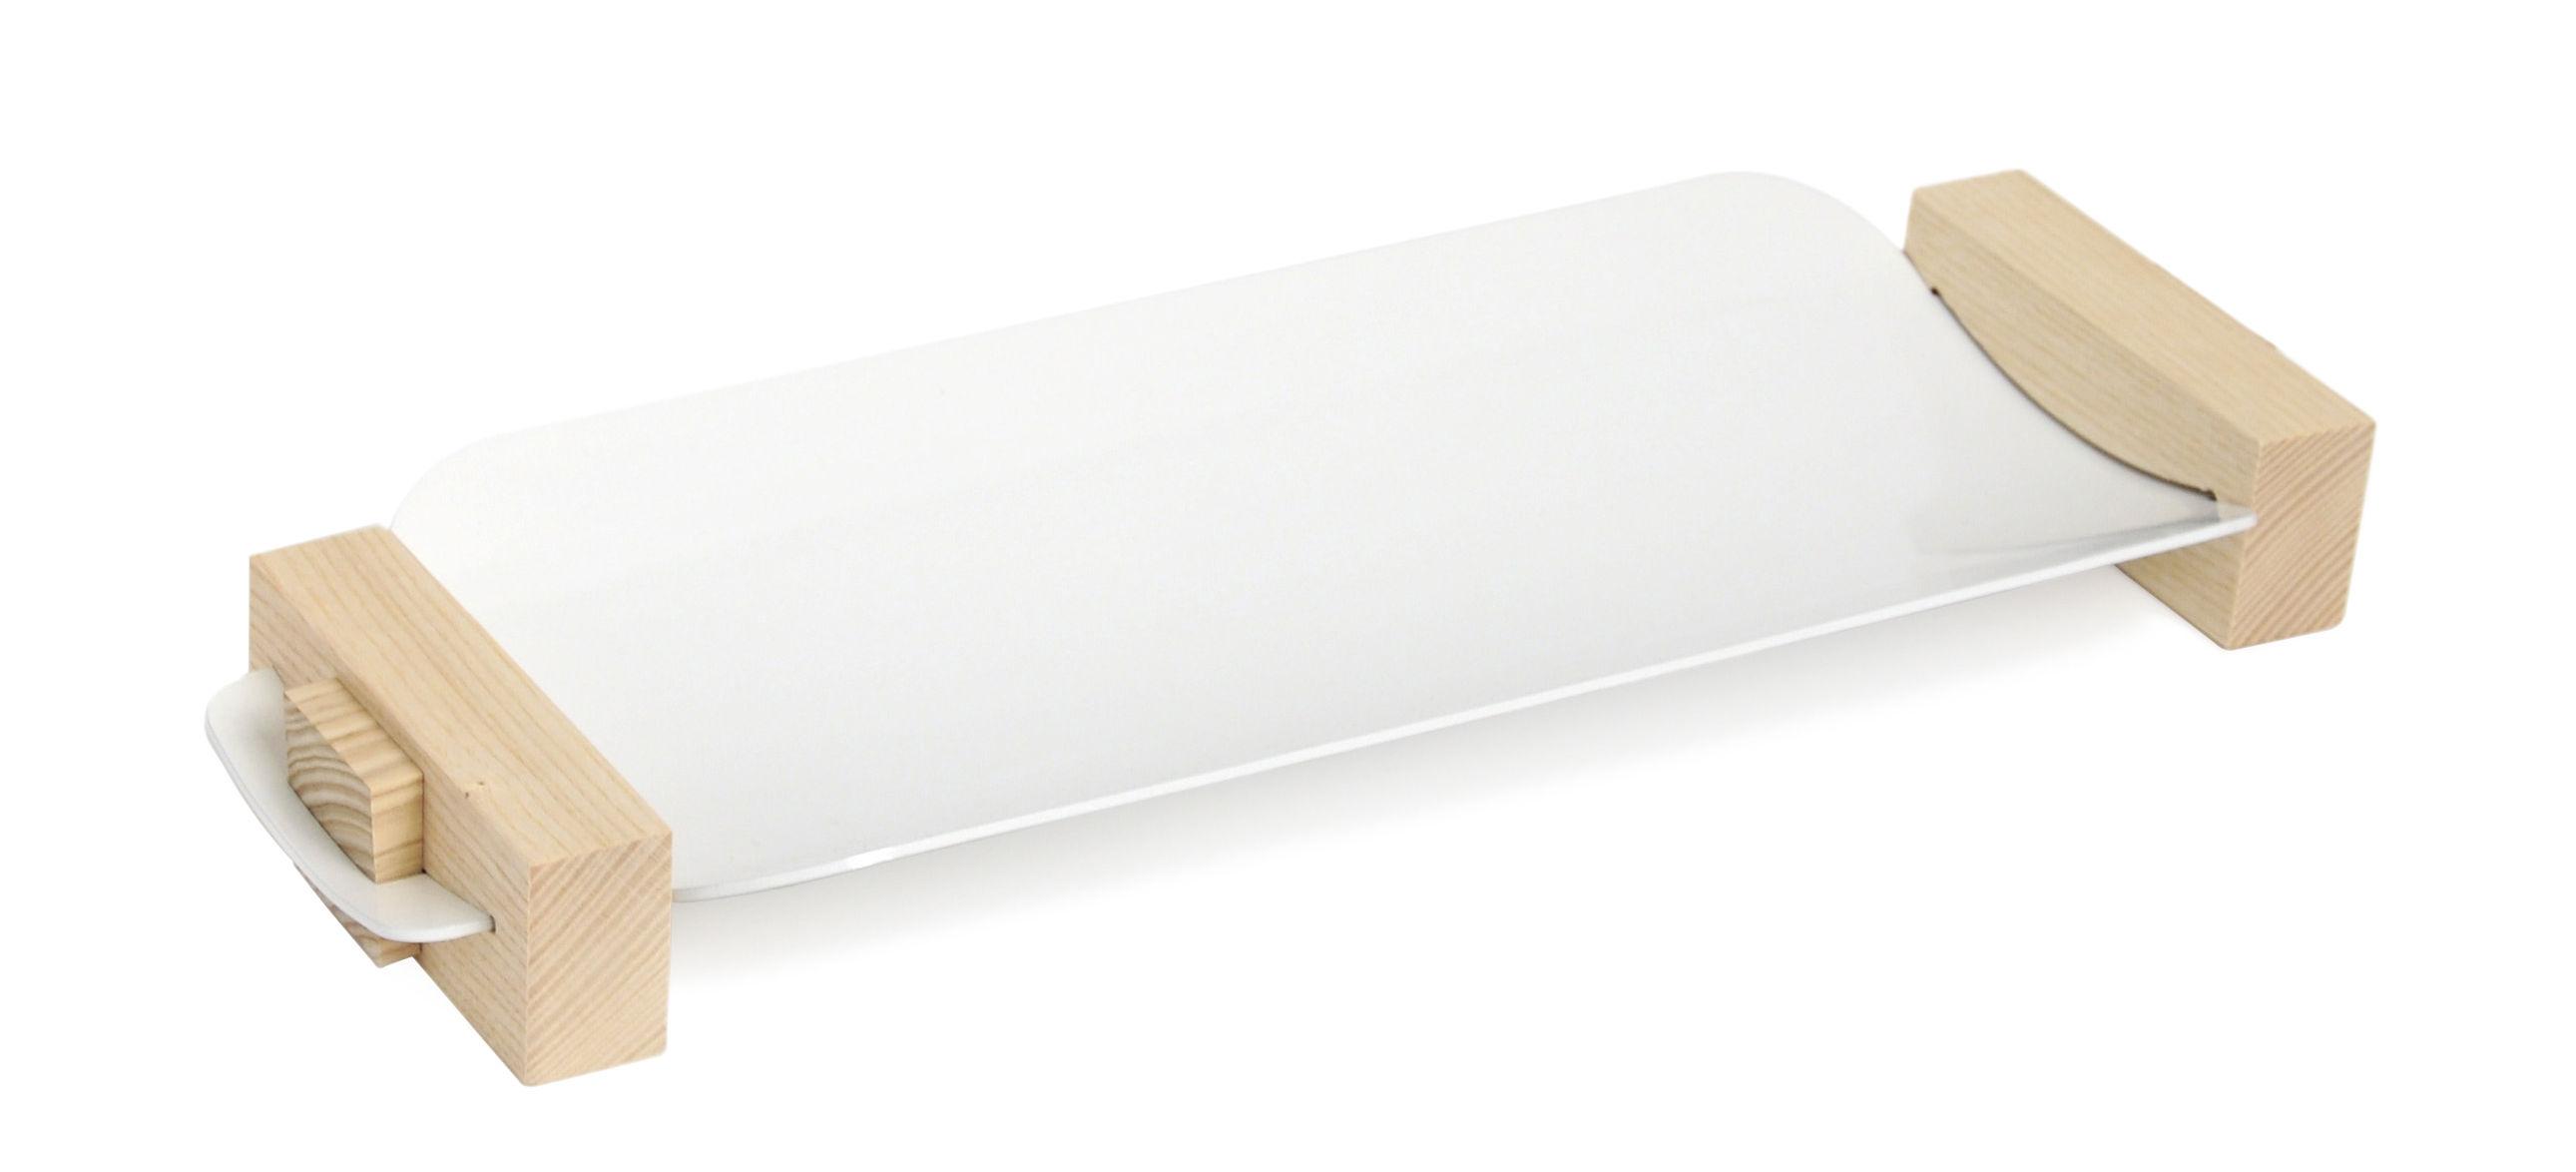 Arts de la table - Plateaux - Plateau Assemblage Small / Vide-poche - L 37 cm - Y'a pas le feu au lac - Small / Blanc - Frêne, Métal laqué